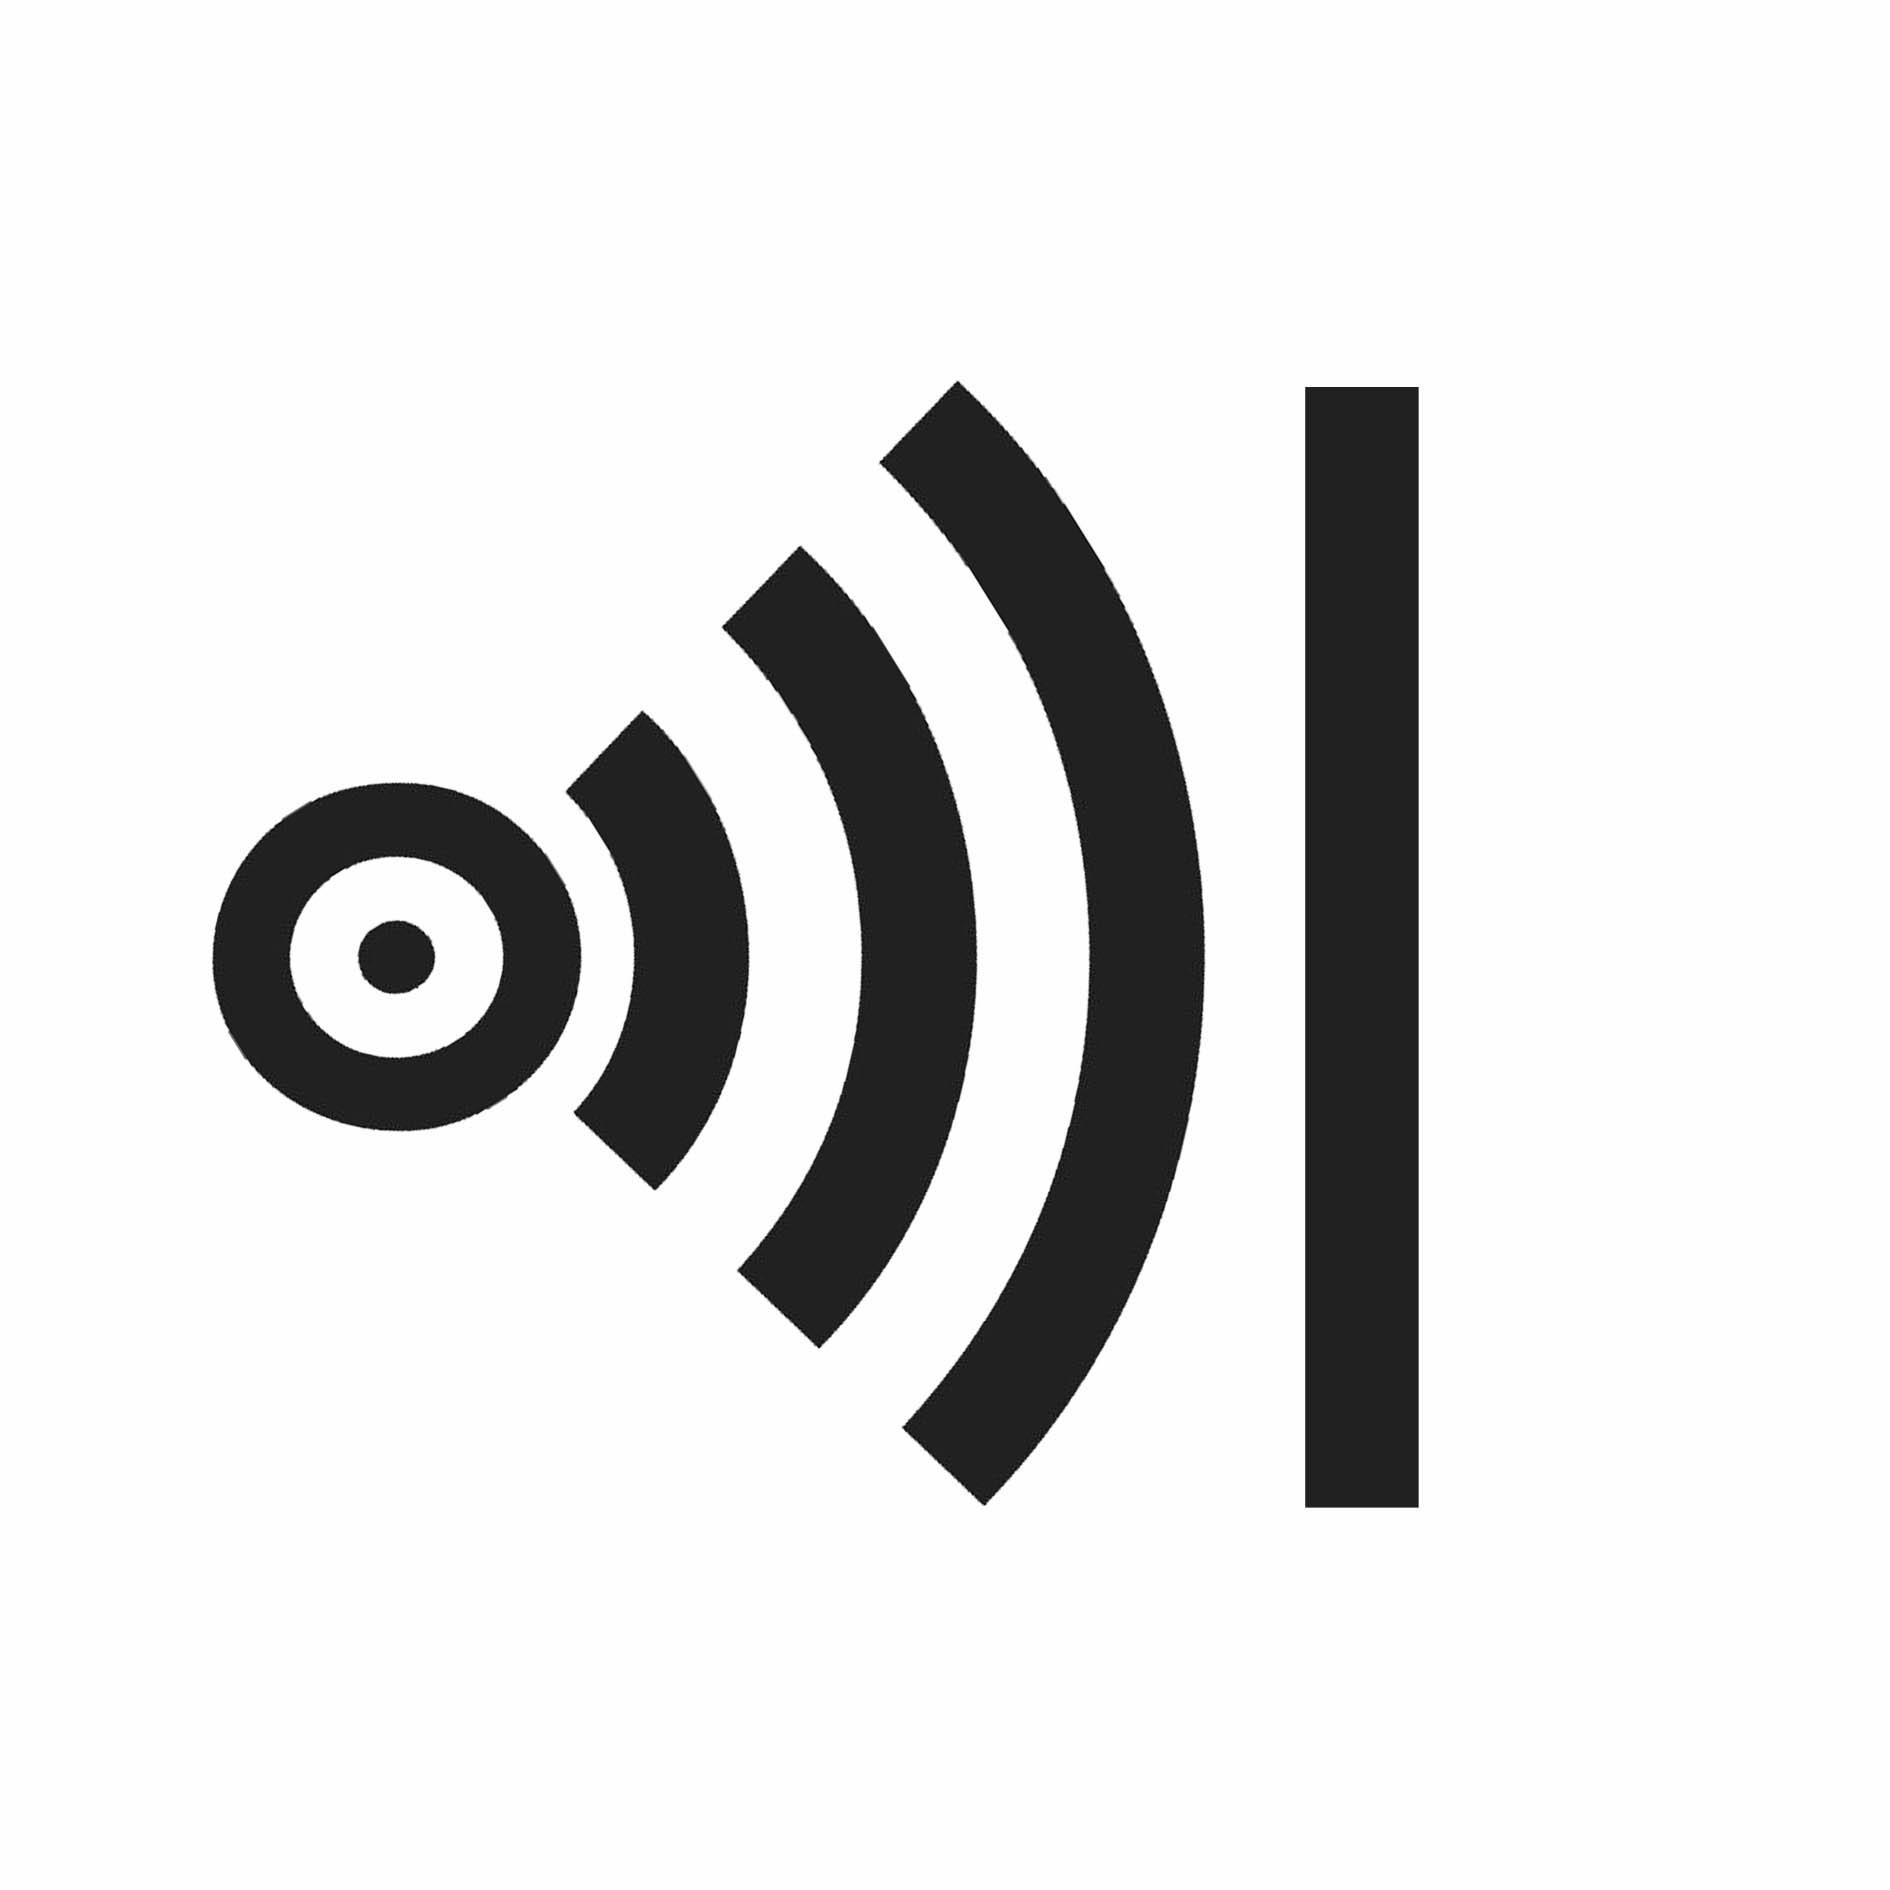 sensor icon 1